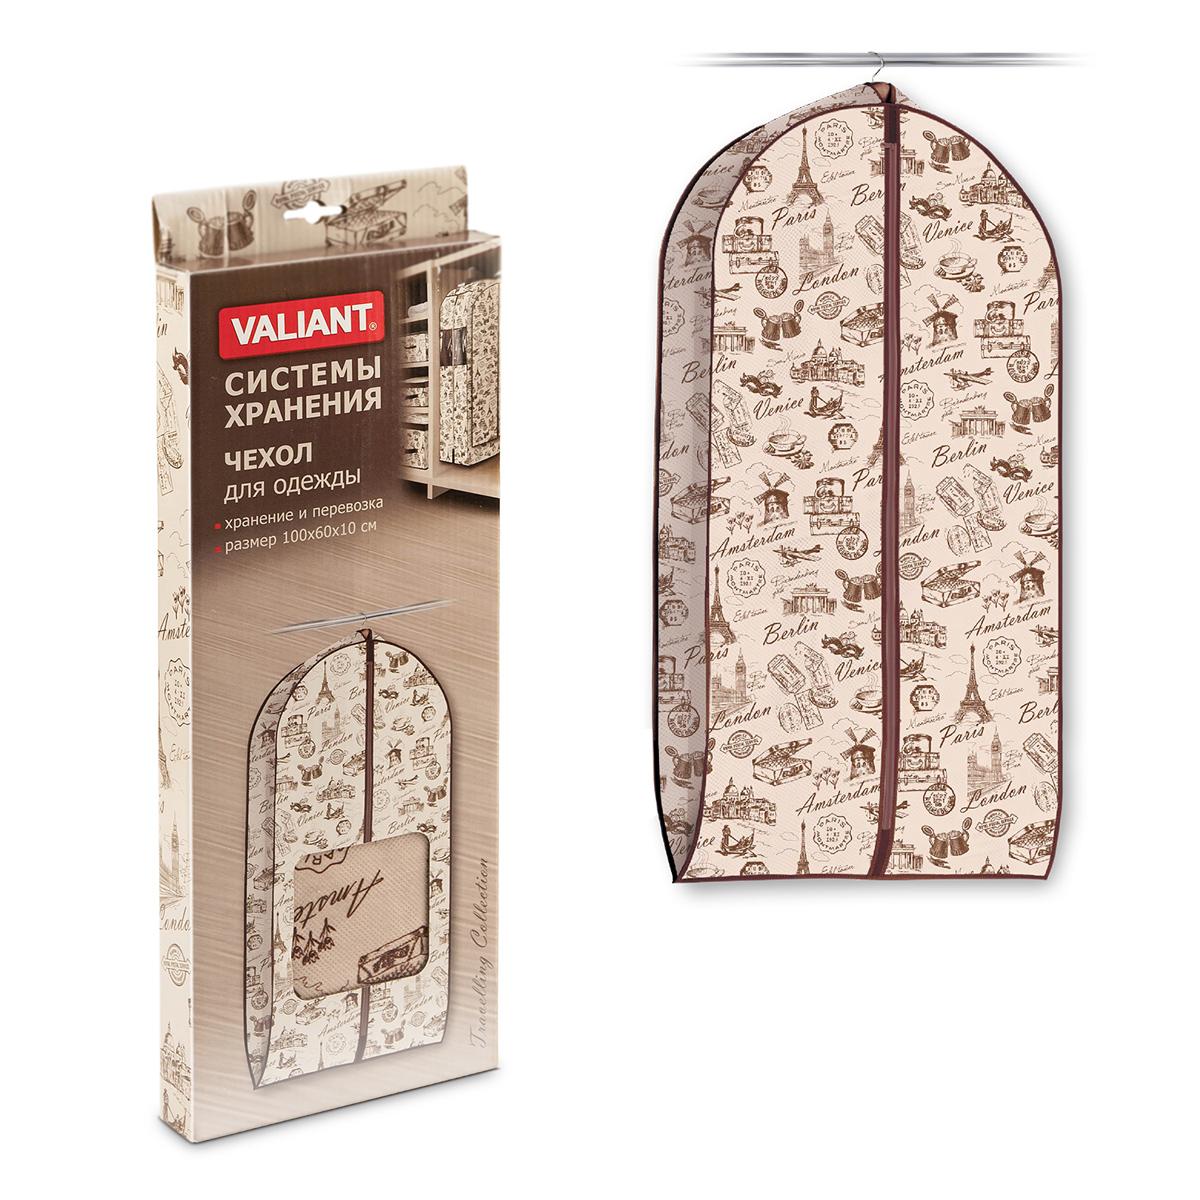 Чехол для одежды Valiant Travelling, объемный, 60 см х 100 см х 10 смTR-106HЧехол для одежды Valiant Travelling изготовлен из высококачественного нетканого материала (спанбонда), который обеспечивает естественную вентиляцию, позволяя воздуху проникать внутрь, но не пропускает пыль. Чехол очень удобен в использовании. Наличие боковой вставки увеличивает объем чехла, что позволяет хранить крупные объемные вещи. Чехол легко открывается и закрывается застежкой-молнией. Идеально подойдет для транспортировки и хранения одежды. Оригинальный дизайн погружает в атмосферу путешествий по разным городам и странам.Системы хранения в едином дизайне сделают вашу гардеробную изысканной и невероятно стильной.